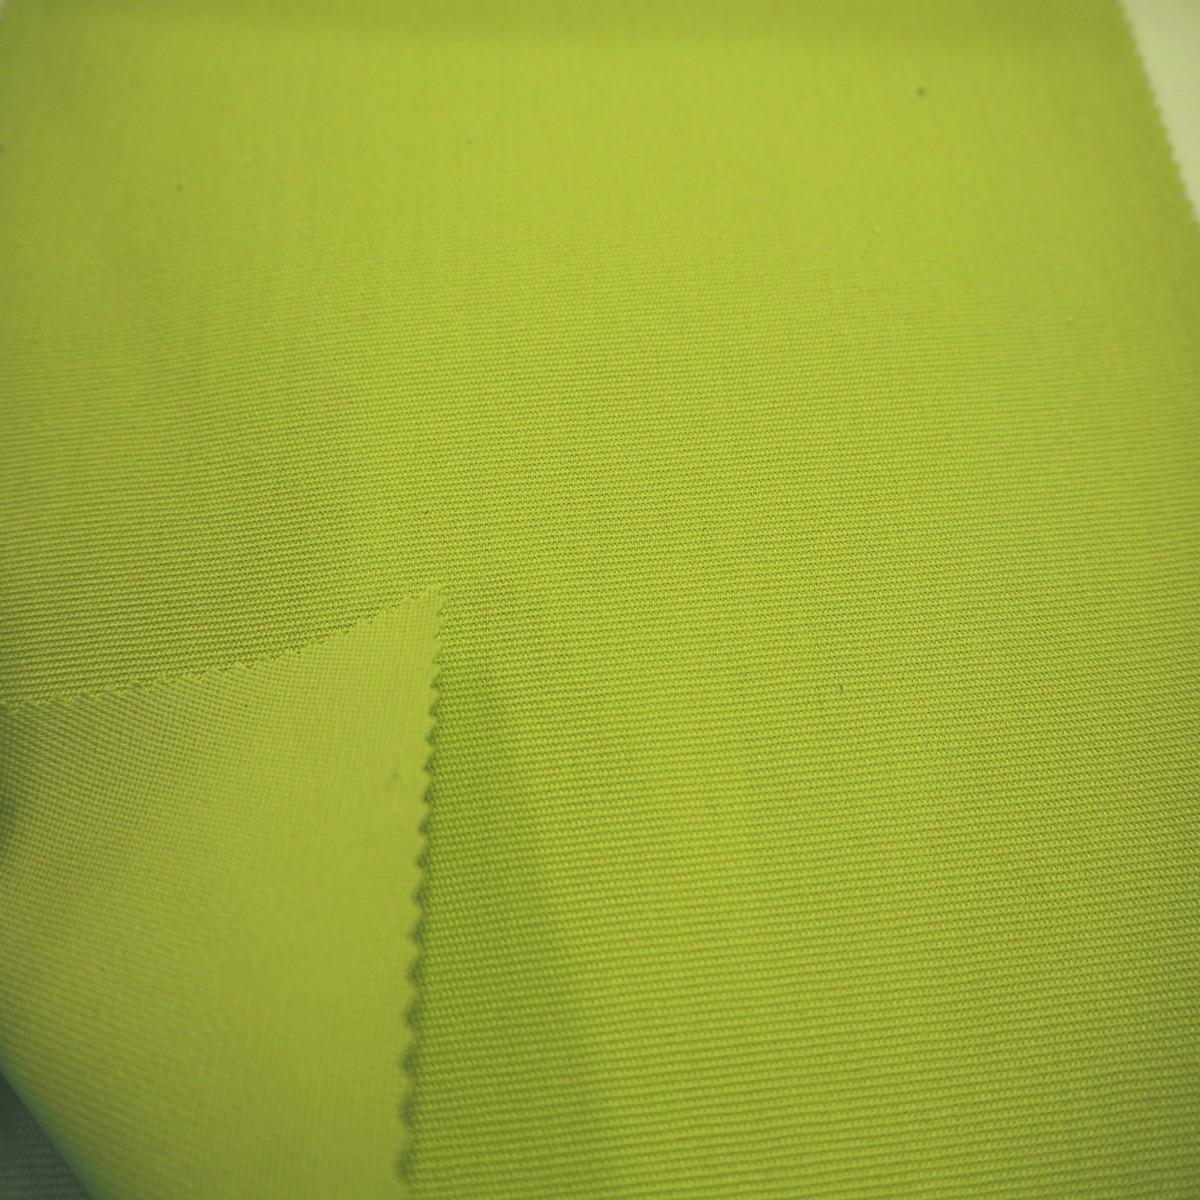 Toile Ombrage Au Metre tissu anti -tâche vendu au mètre | tissu imperméable | hall du tissu